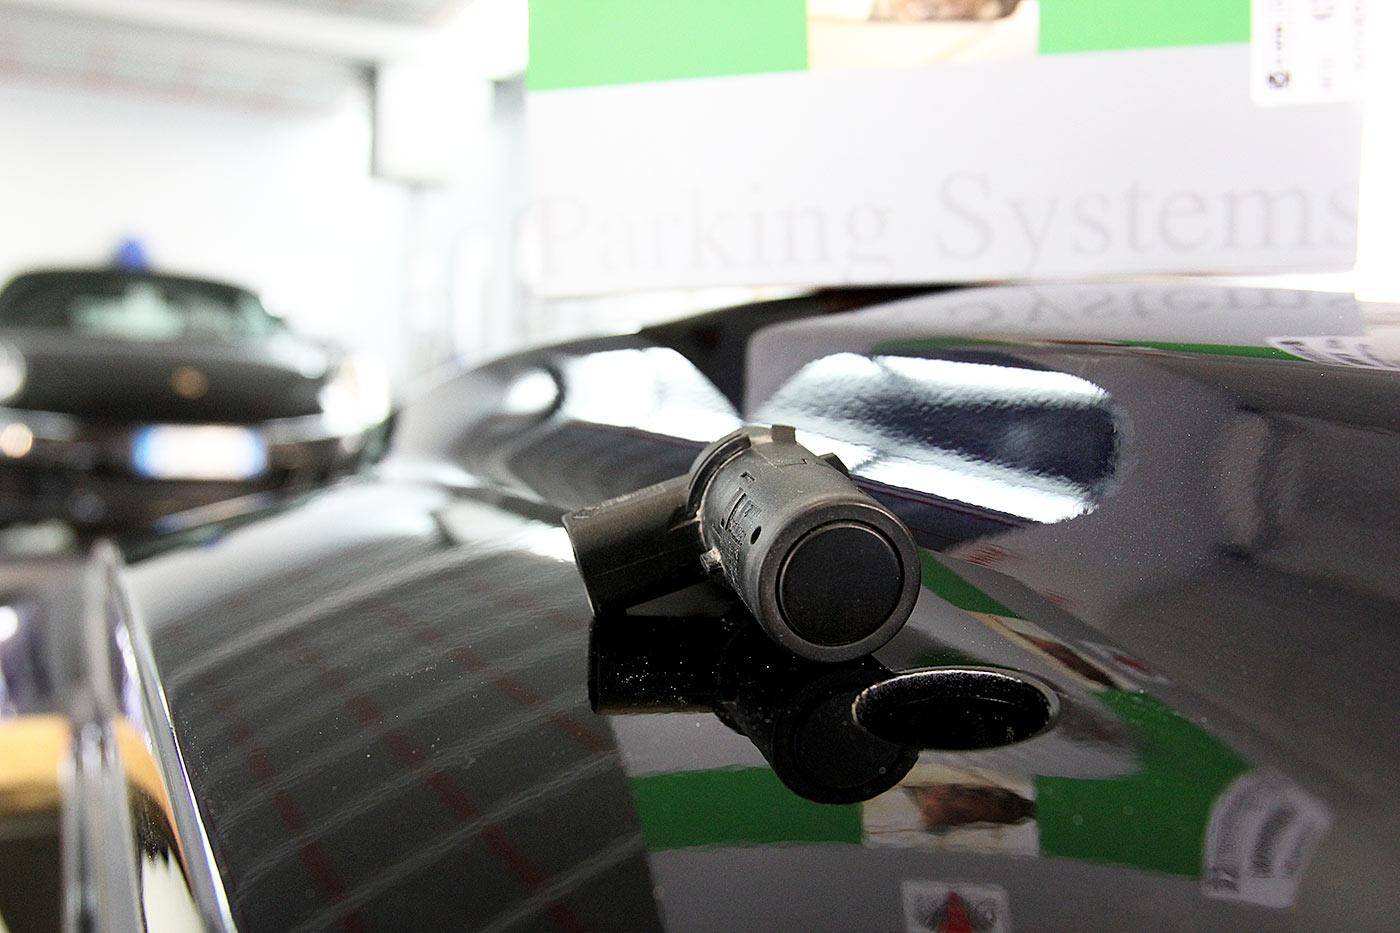 Carrozzeria-Moglianese-Gardigiano-Scorze-montaggio-sensori-parcheggio-2